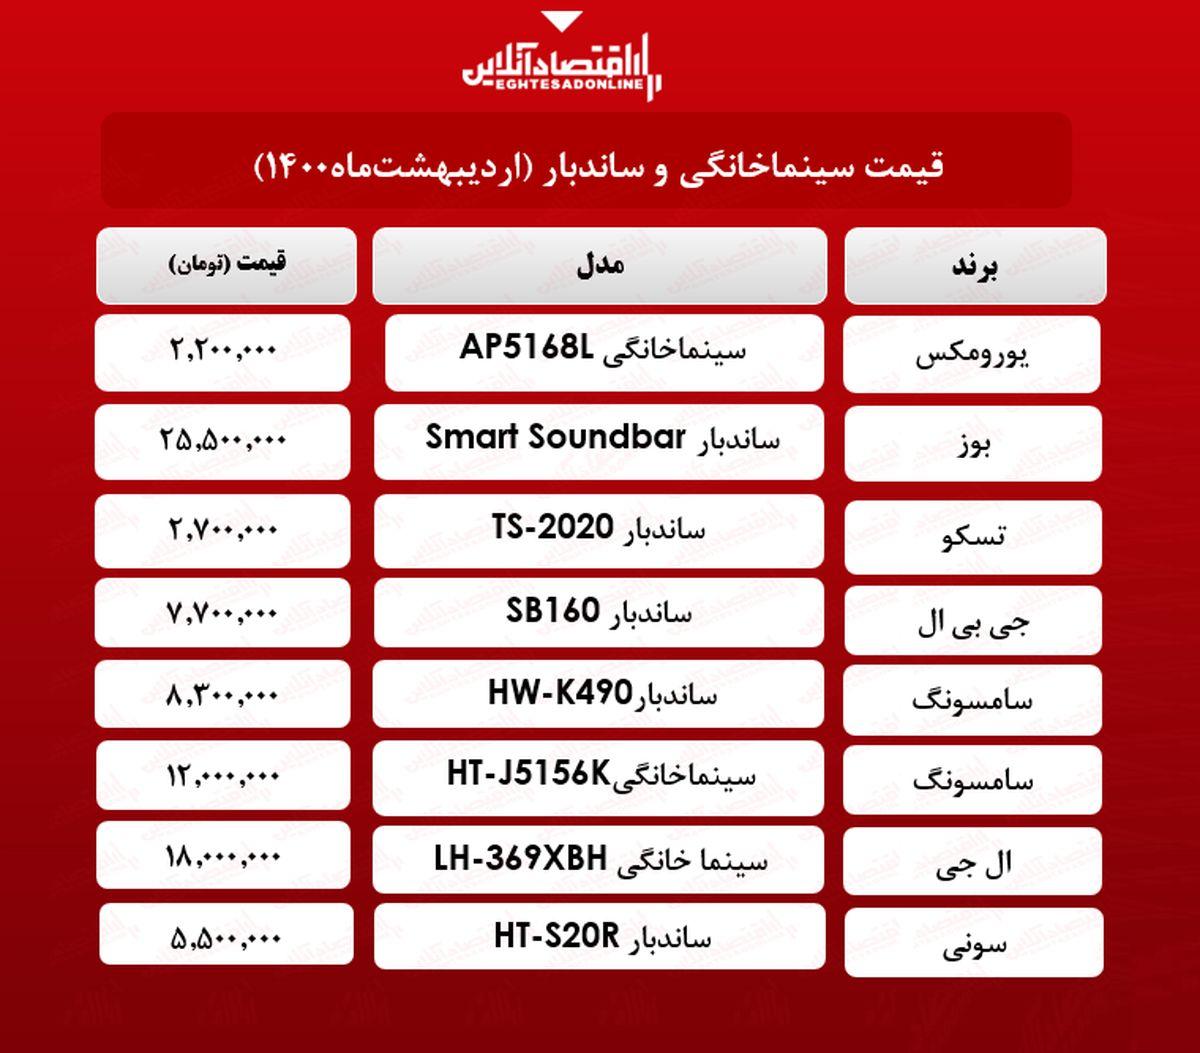 قیمت سینما خانگی و ساندبار /  ۱۸ اردیبهشت ماه